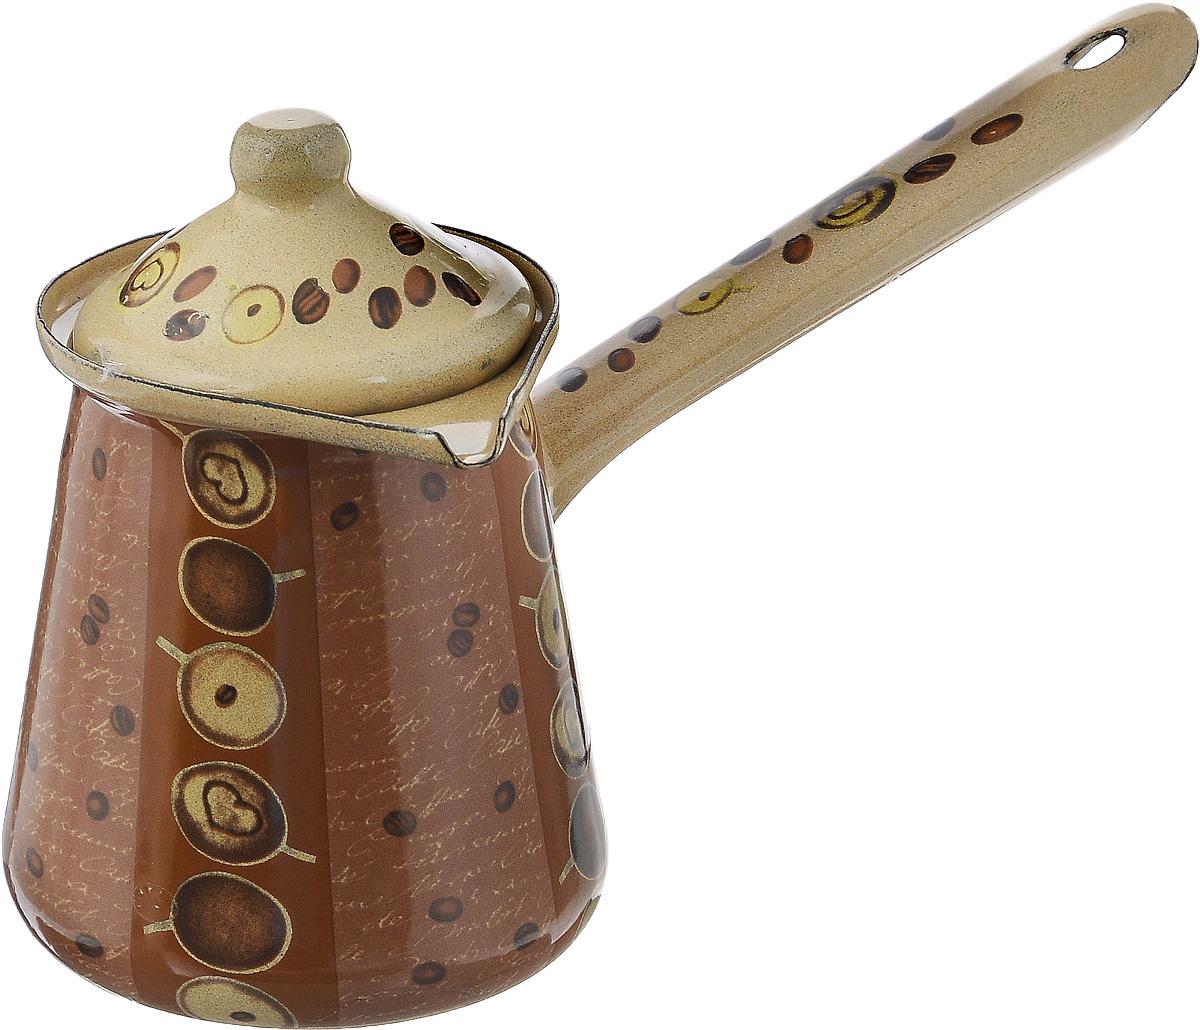 Турка Calve, с крышкой, цвет: бежевый, коричневый, 500 млCL-7000_бежевыйТурка Calve, изготовленная из высококачественной стали, предназначена для приготовления кофе. Внешние стенки турки оформлены изящным рисунком с изображением кофейных зерен. Изделие имеет широкое горлышко, специальный носик и крышку. Рукоятка снабжена специальным отверстием, благодаря которому изделие можно подвесить на крючок. Кофе в турке варится очень просто. Насыпьте молотый кофе, залейте водой и варите на слабом огне, не доводя до кипения. Чем дольше кофе варить, тем крепче он становится. Подходит для всех видов плит, включая индукционные. Диаметр турки (по верхнему краю): 8 см. Длина ручки: 13 см.Высота стенки: 10 см.